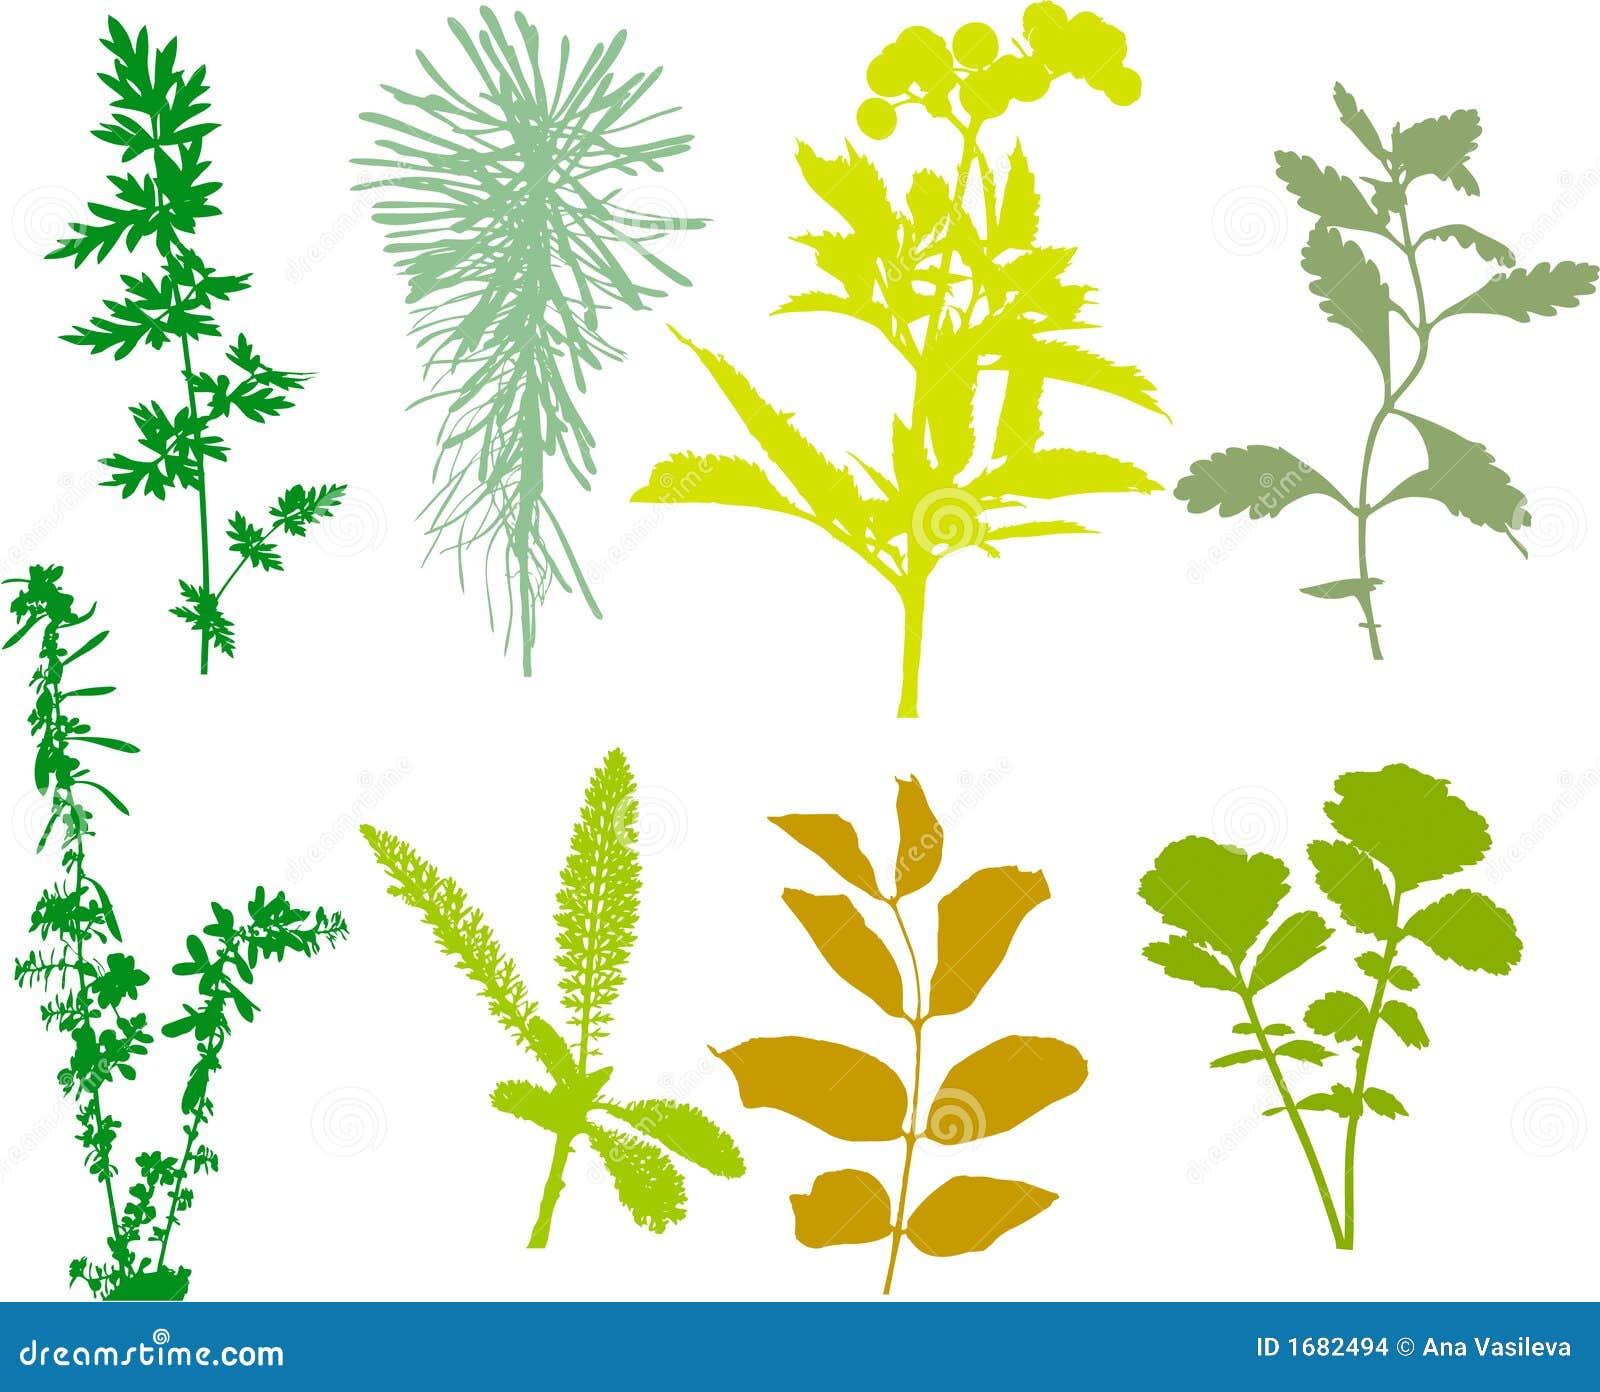 Stellen Sie Anlagen, Kräuter, Blätter - der Vektor auf, verfolgt